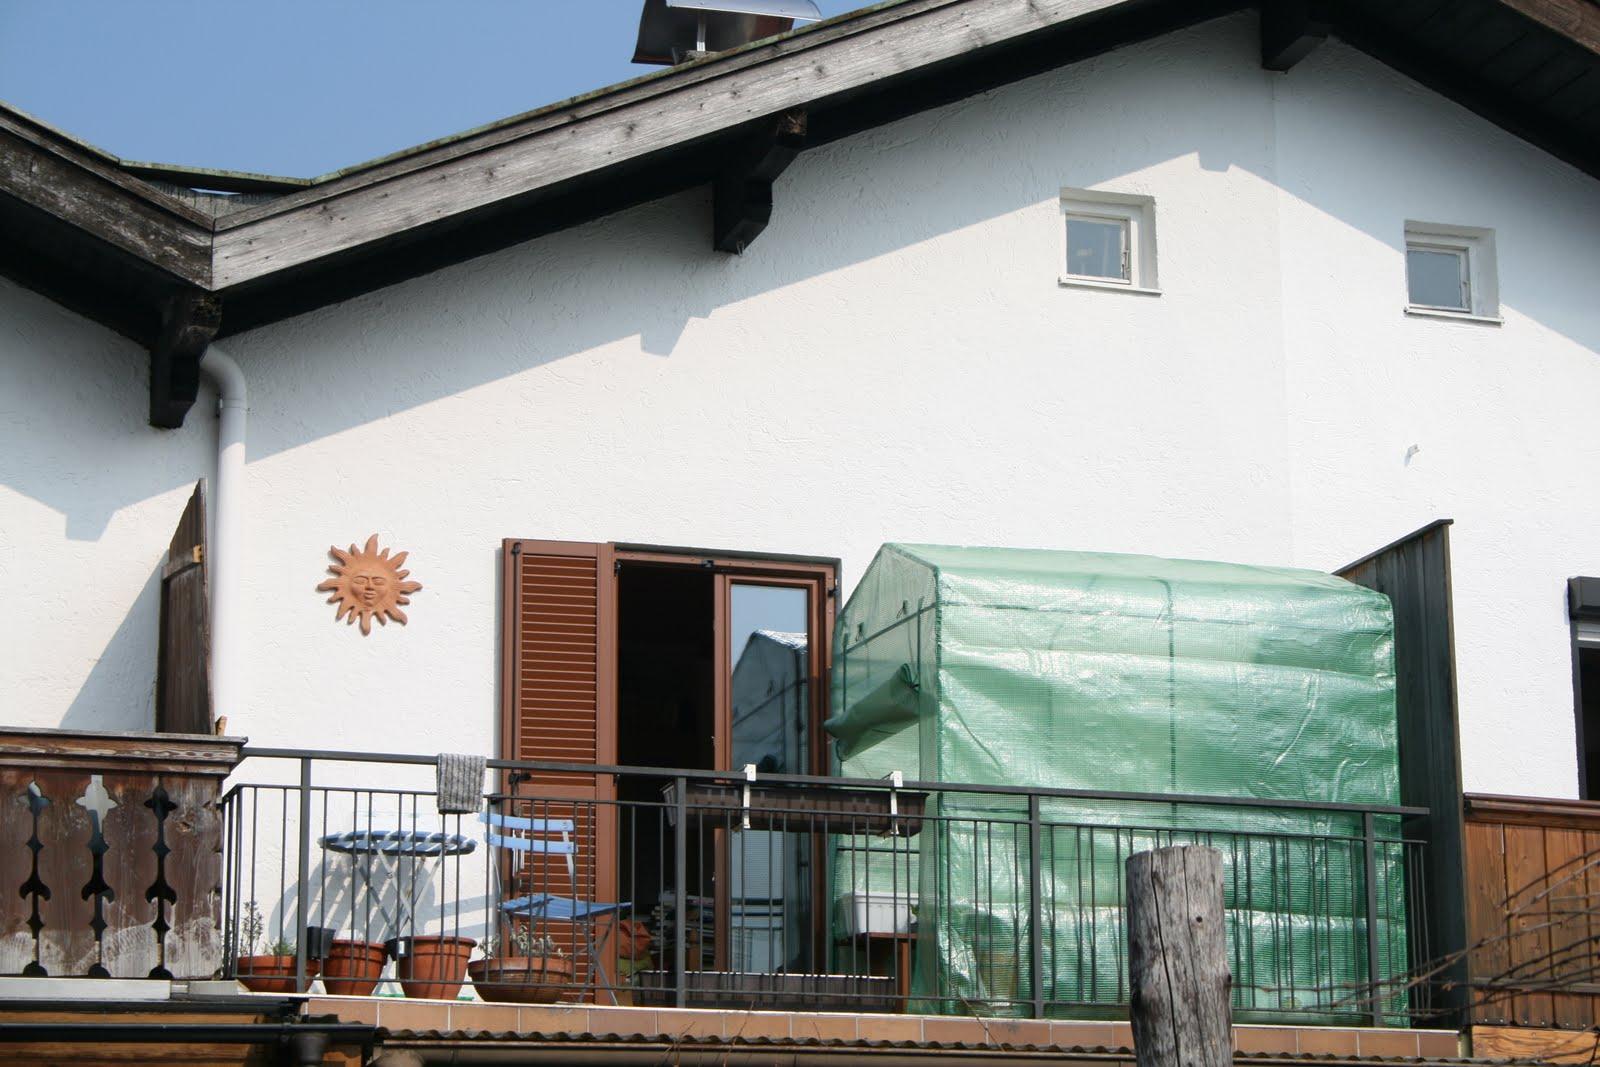 die ber lebens k nstlerin ein balkon garten entsteht teil 2. Black Bedroom Furniture Sets. Home Design Ideas